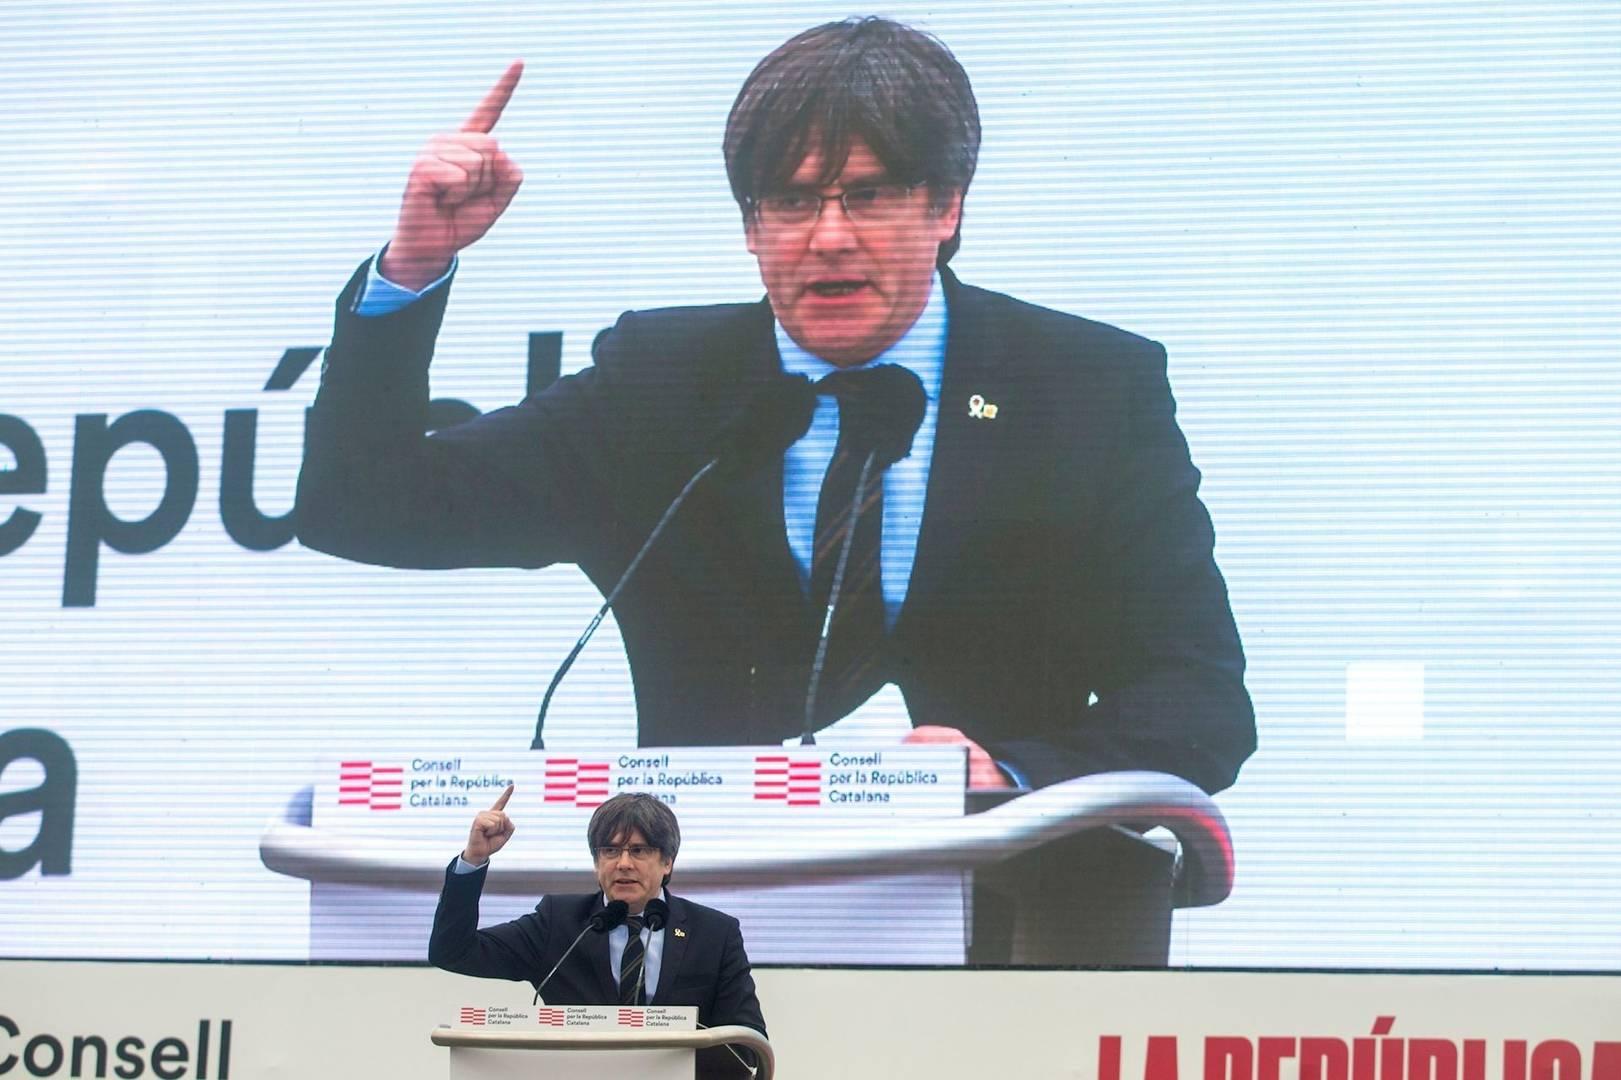 Carles Puigdemont, en su viaje privado a Perpiñan de octubre de 2020 que presuntamente pagó con fondos de la Generalitat, según los últimos hallazgos de la Guardia Civil